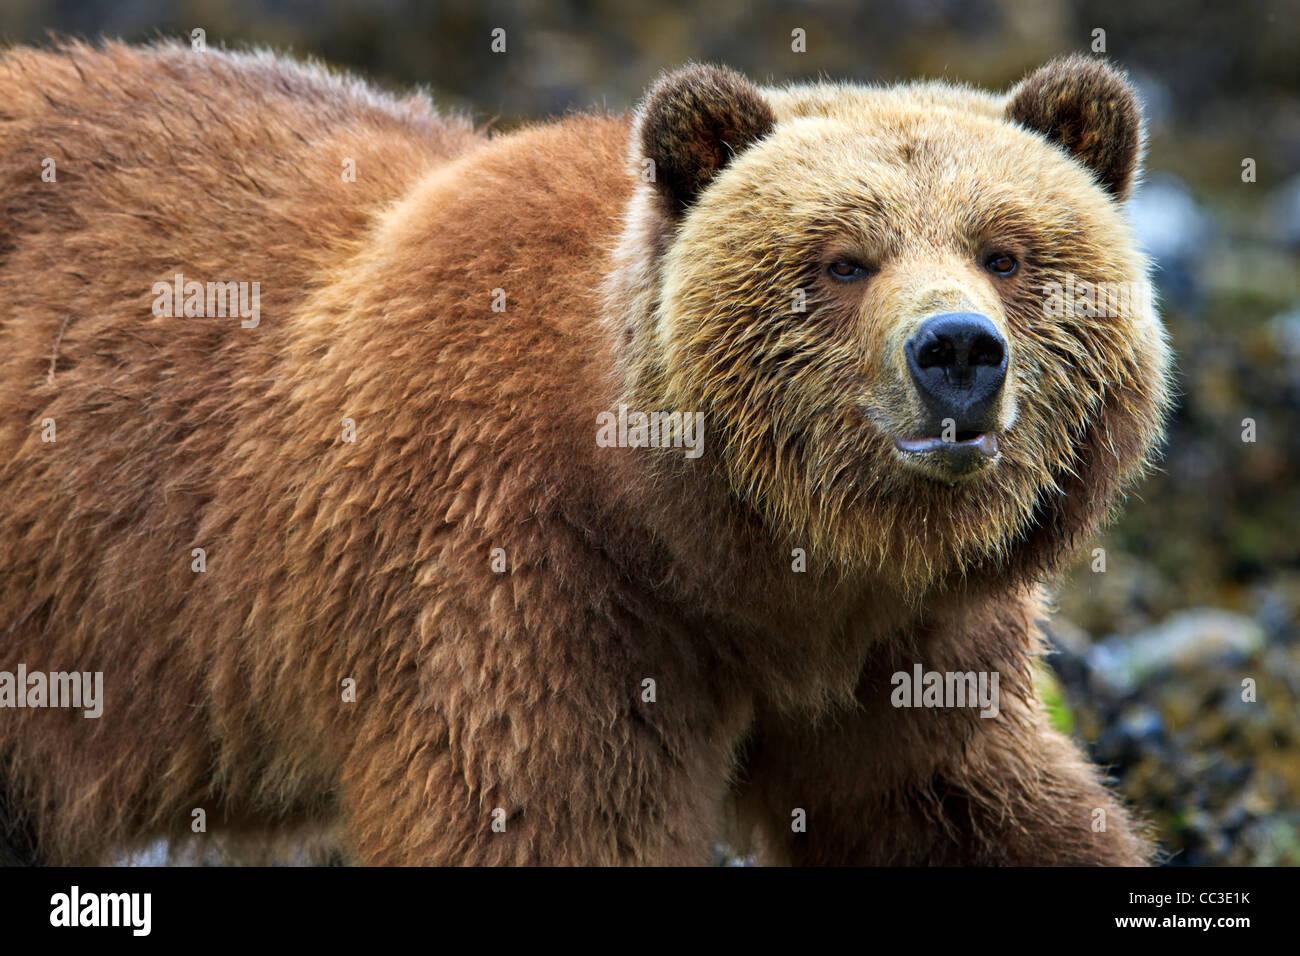 Costiera femmina orso grizzly alla ricerca di cibo a bassa marea sul British Columbia continentale, Canada Immagini Stock